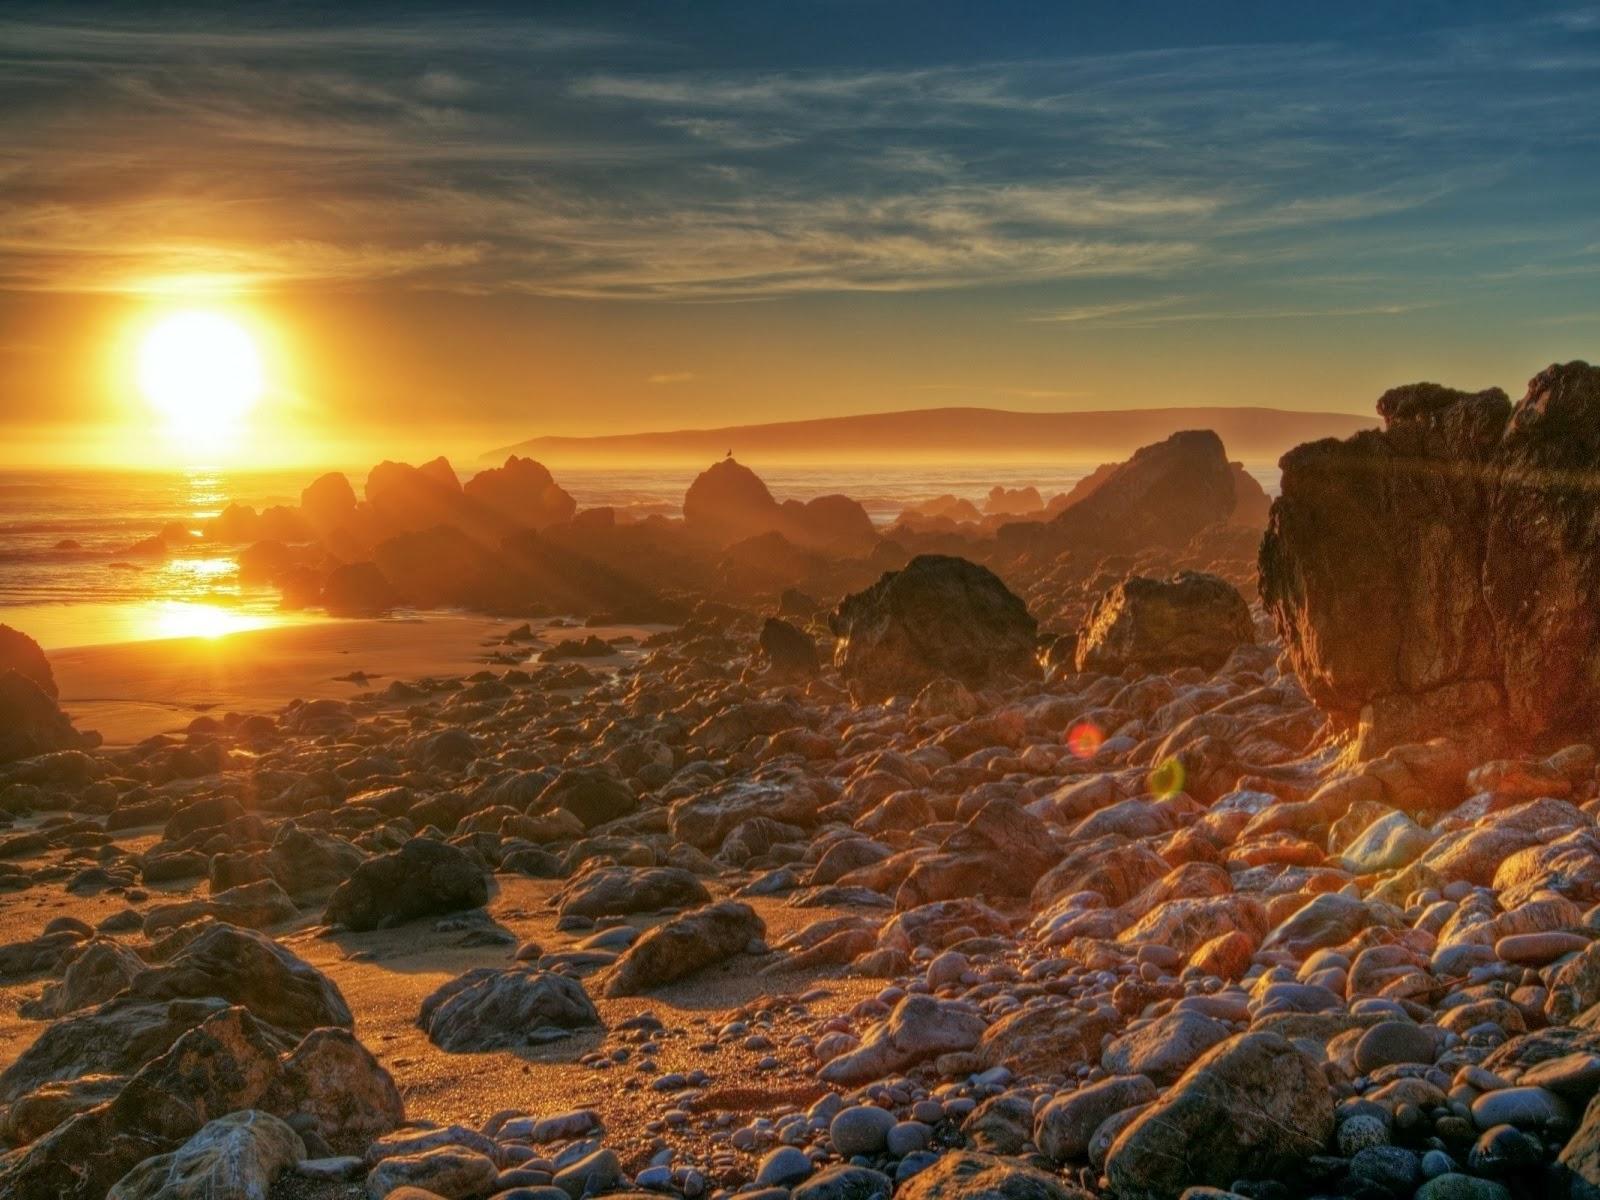 Puesta de sol, con rocas en la costa